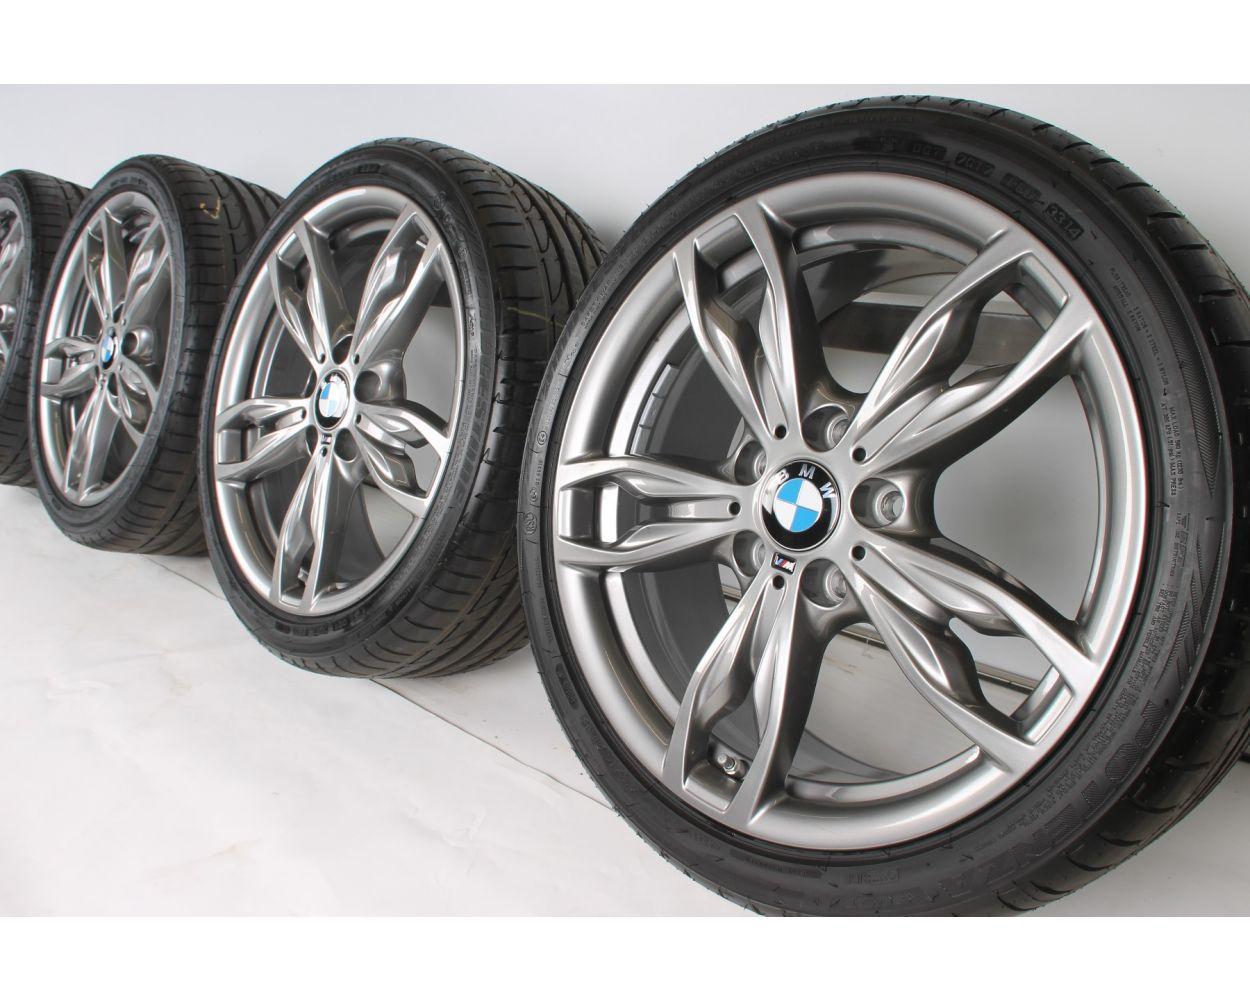 Bmw Summer Wheels 1er F20 F21 2er F22 F23 18 Zoll 436 M Double Spoke Ferricgrey